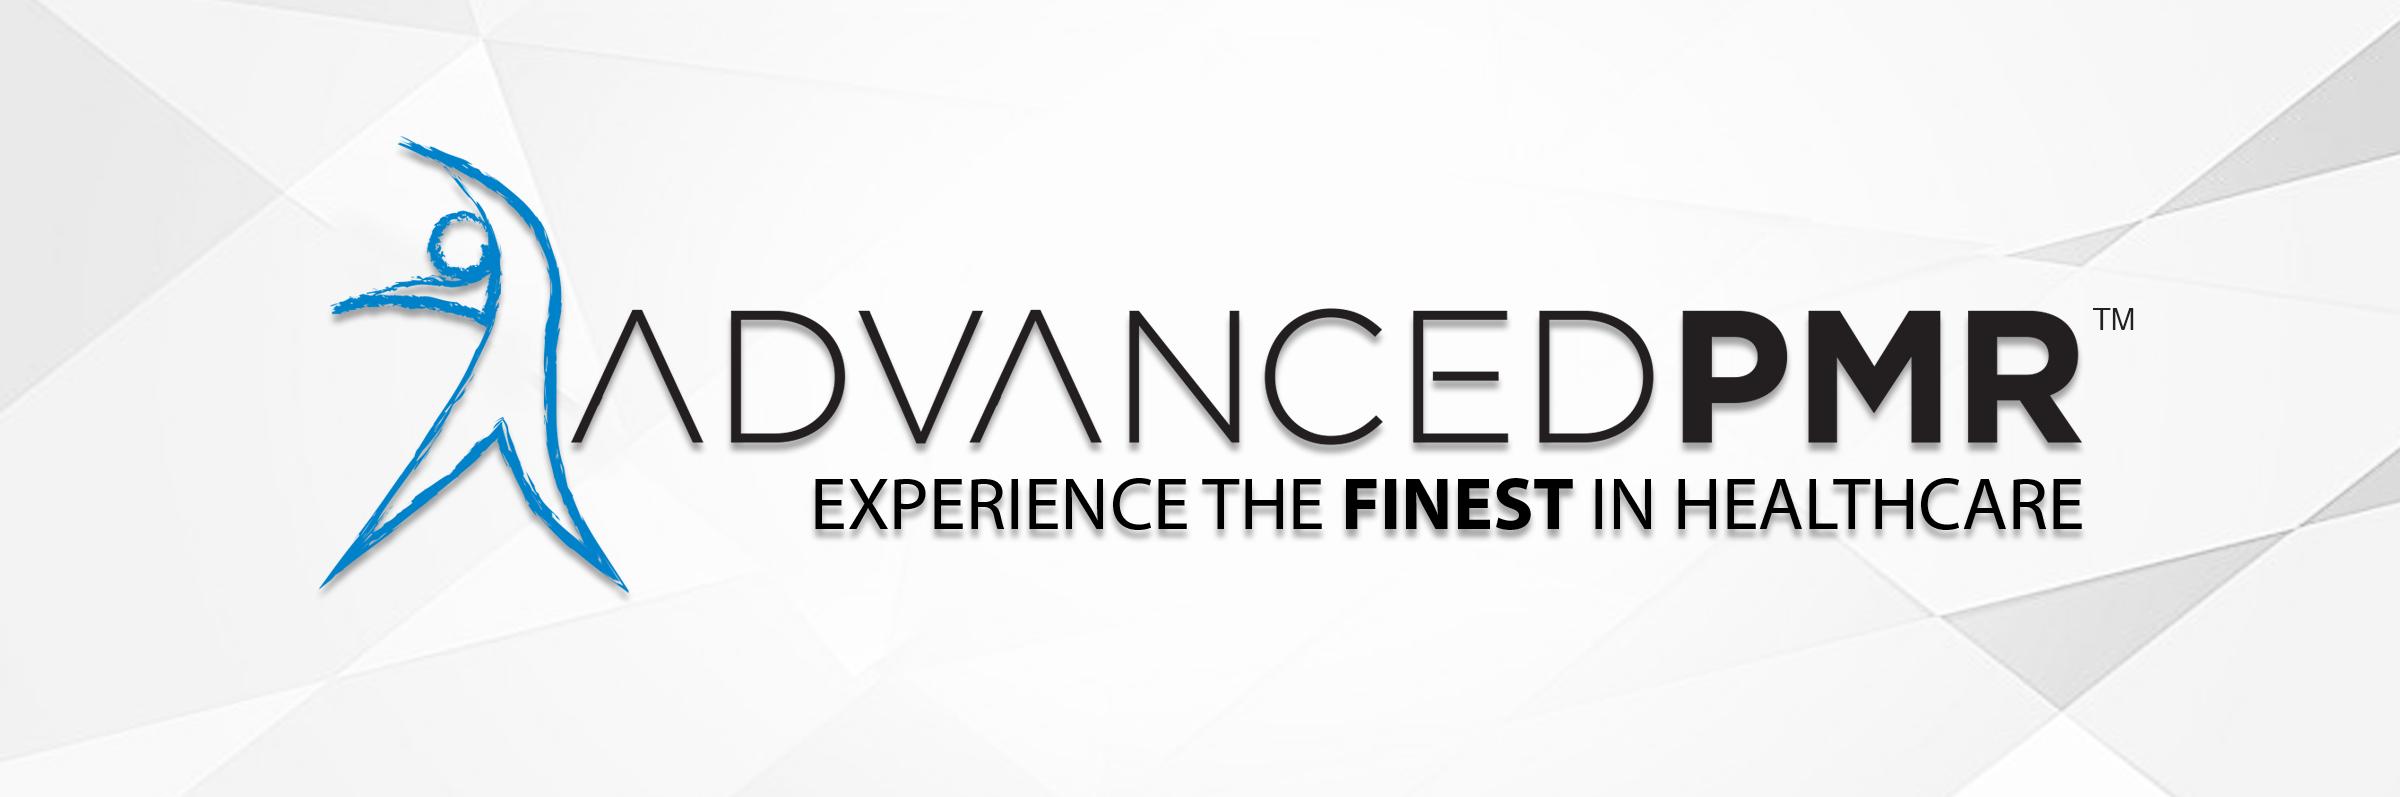 Advanced PMR